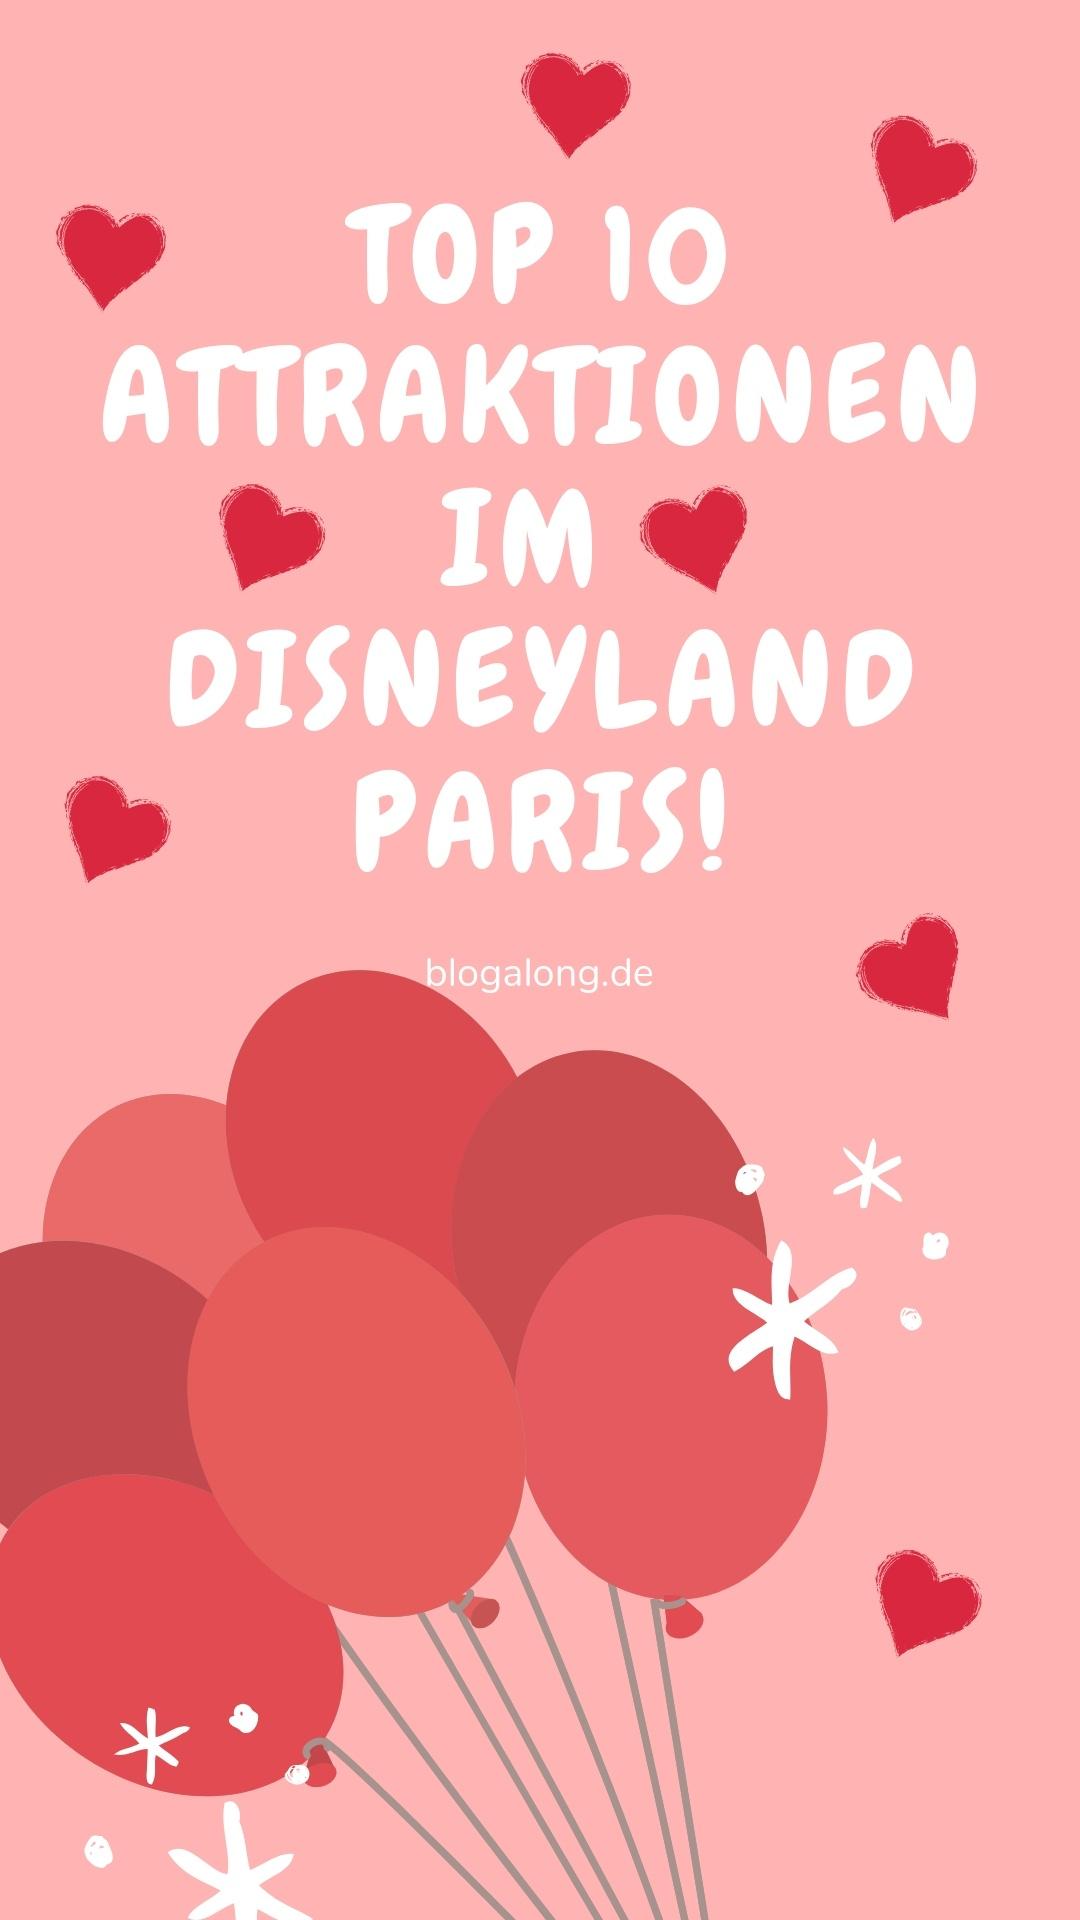 Egal, ob du das erste Mal das Disneyland Paris besuchst oder ob du schon mehrmals hier warst, kennst du es sicher, wenn man sich nicht entscheiden kann, welche Attraktion man zuerst besuchen soll. Gerade mit über 50 großartigen Attraktionen ist es nicht immer einfach, sich zu entscheiden. #disneyland #disneylandparis #disney #blogalong